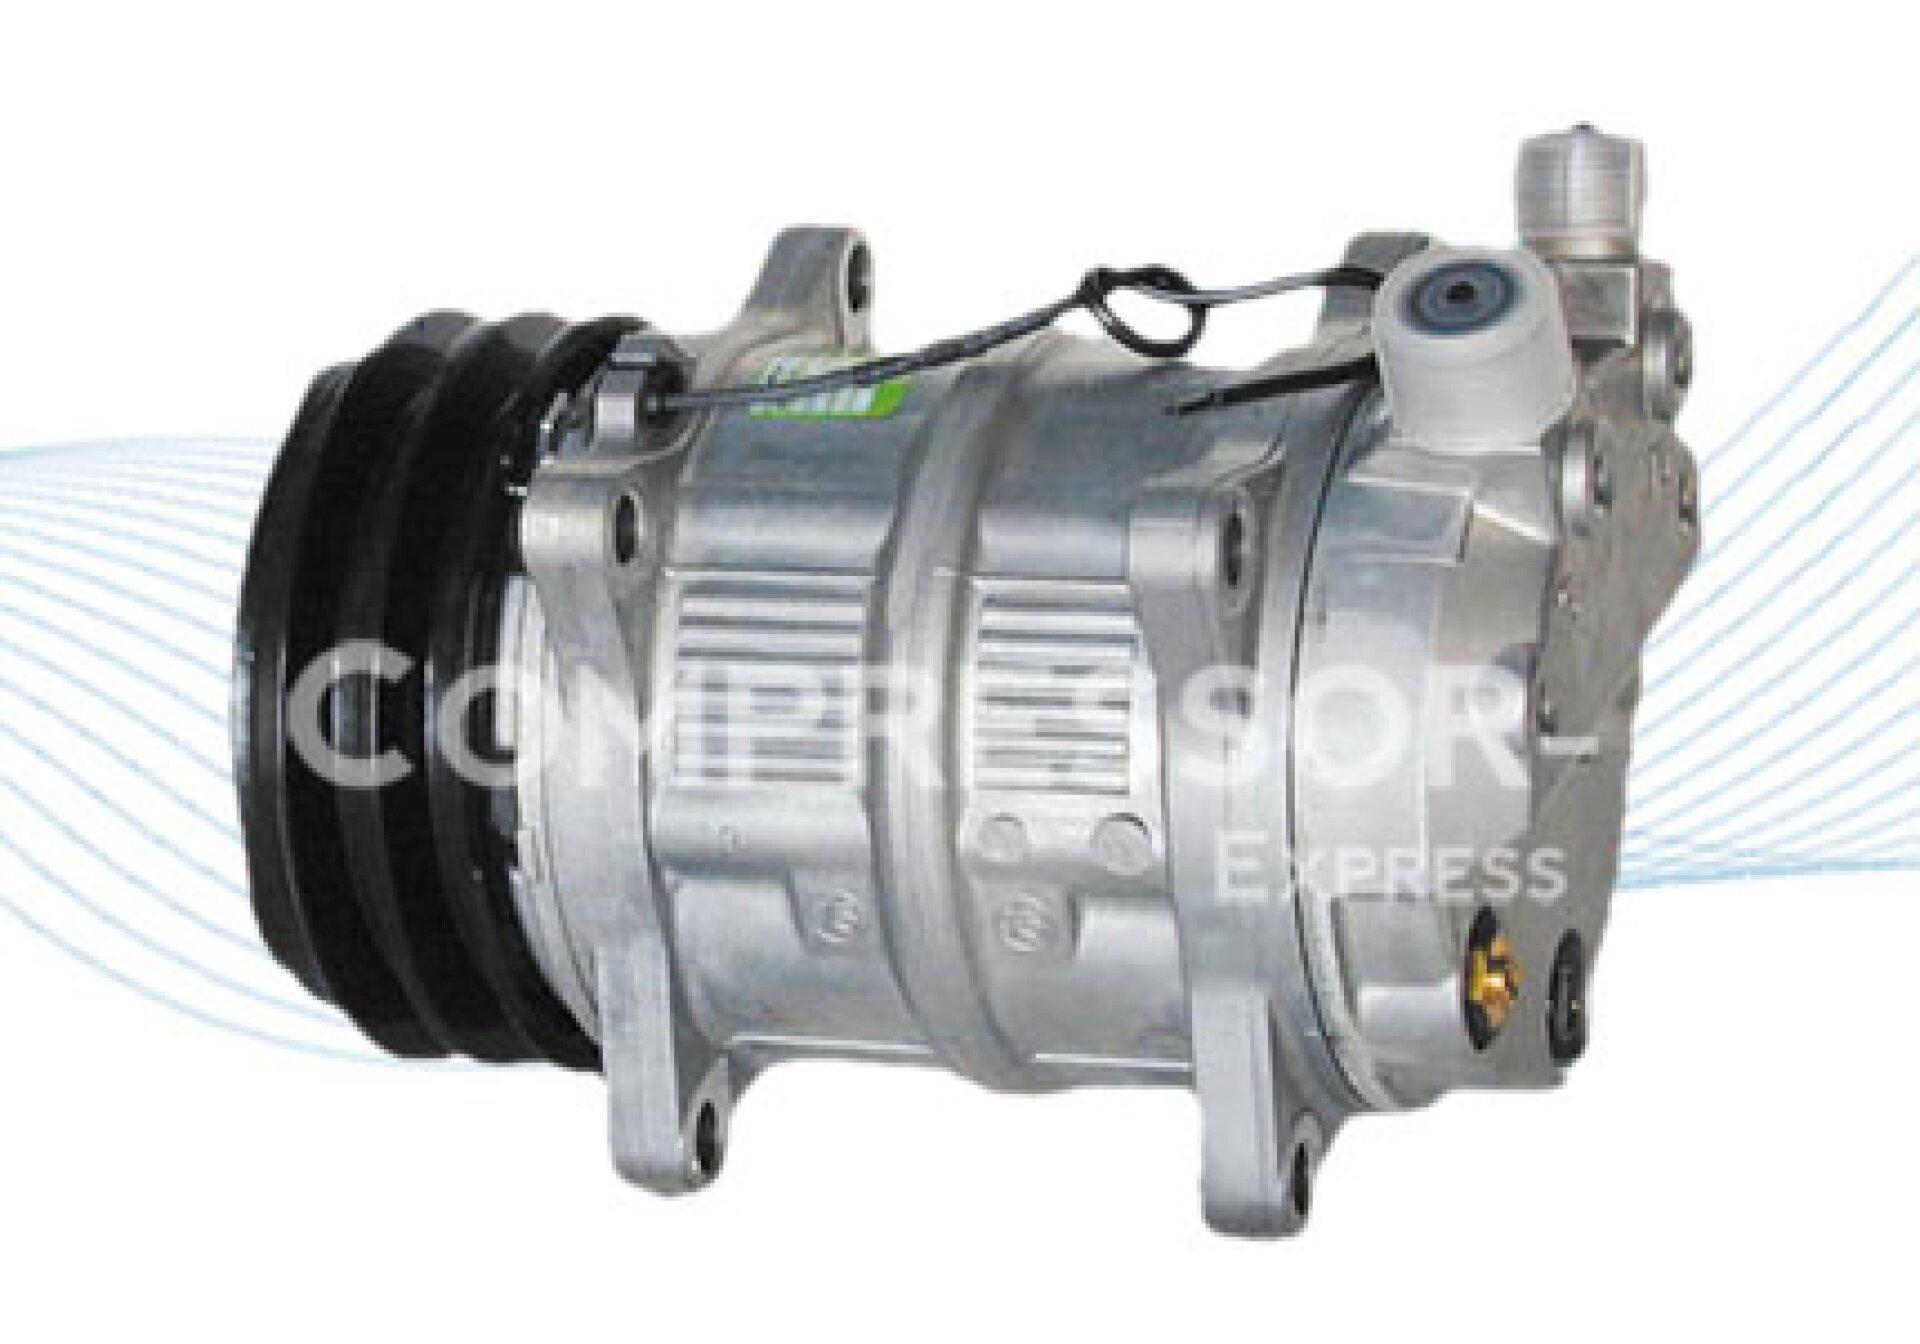 Zexel dks 15ch compresor de aire acondicionado 506011 7123 for Compresor de aire acondicionado